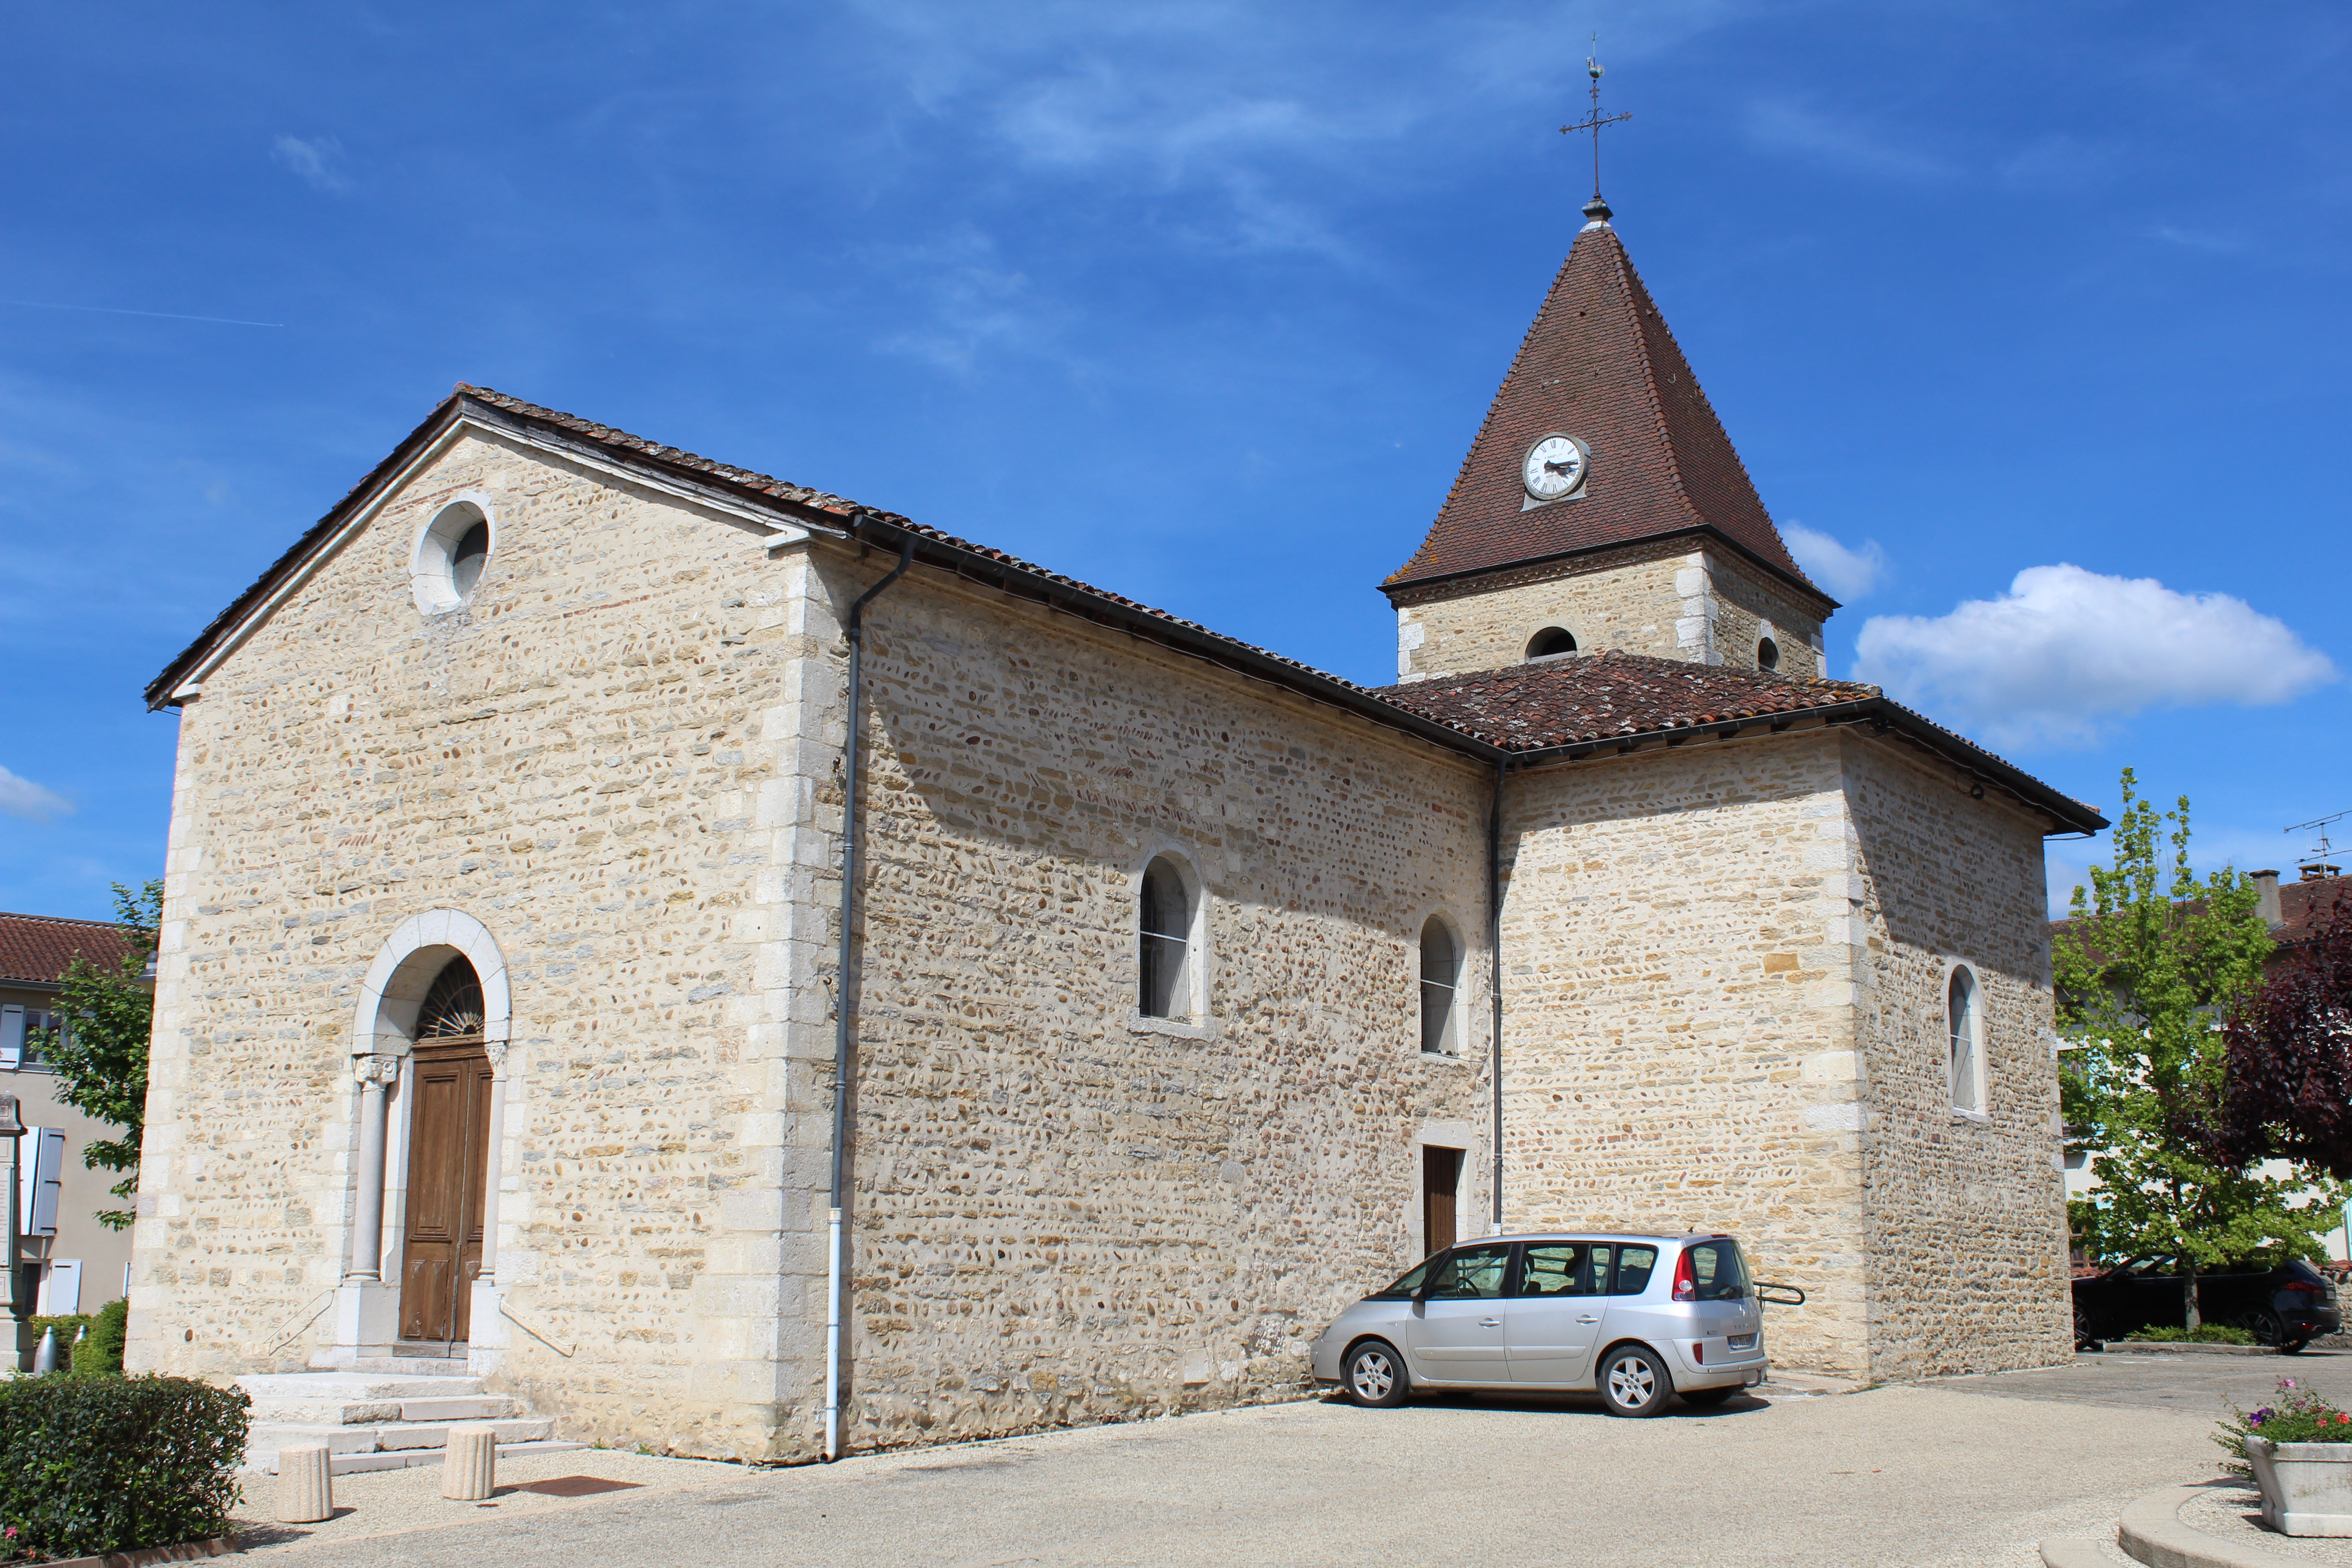 Saint-André-sur-Vieux-Jonc